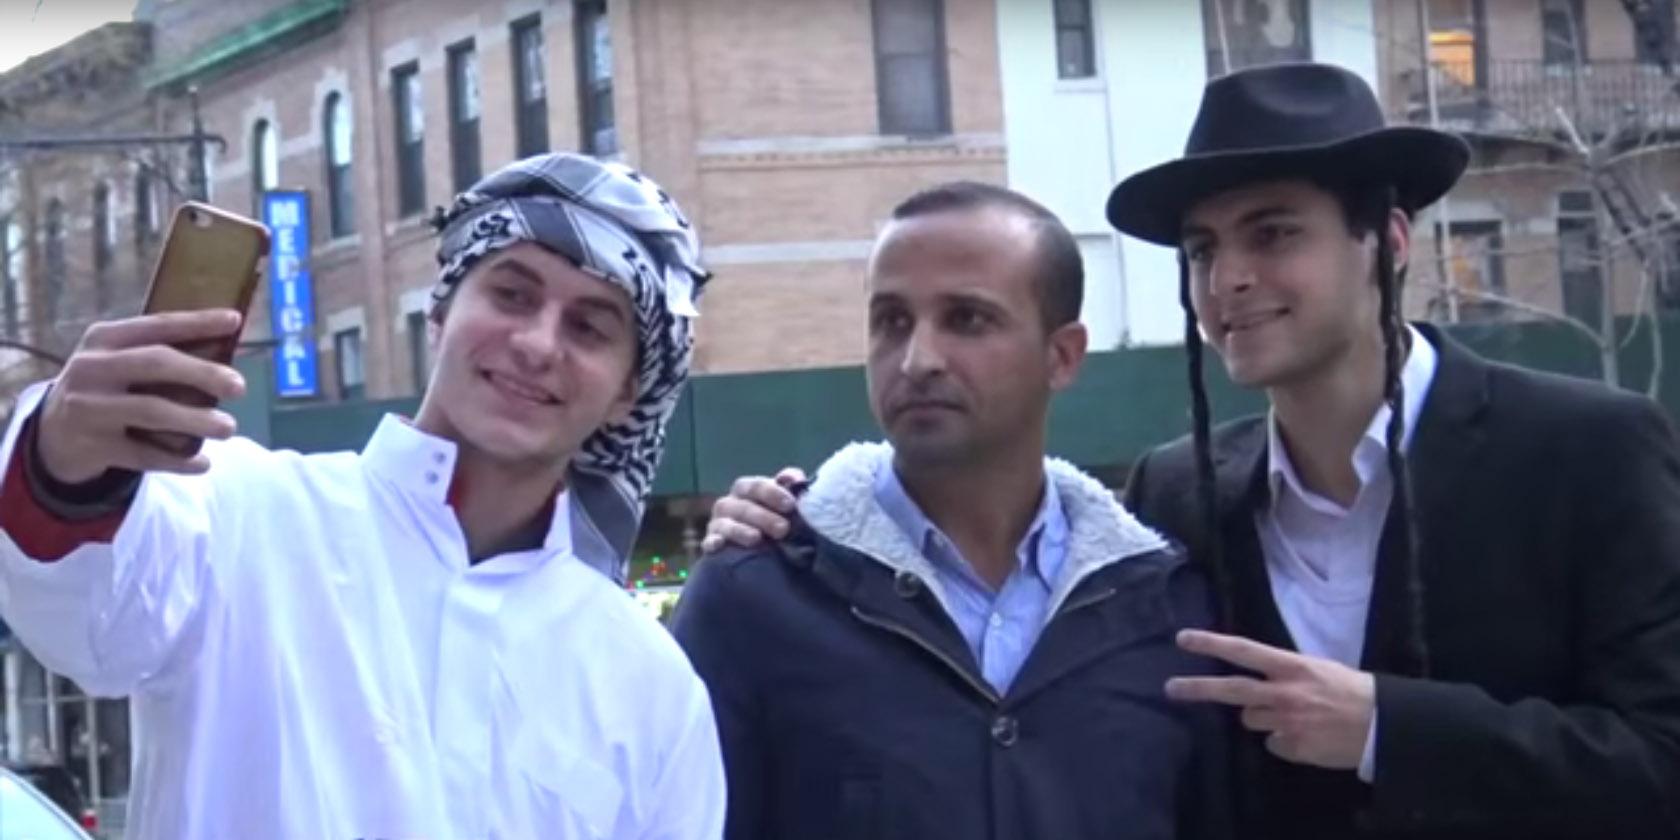 Moe et ET sont deux frères youtubeurs, spécialistes en expériences sociales via caméras cachées.